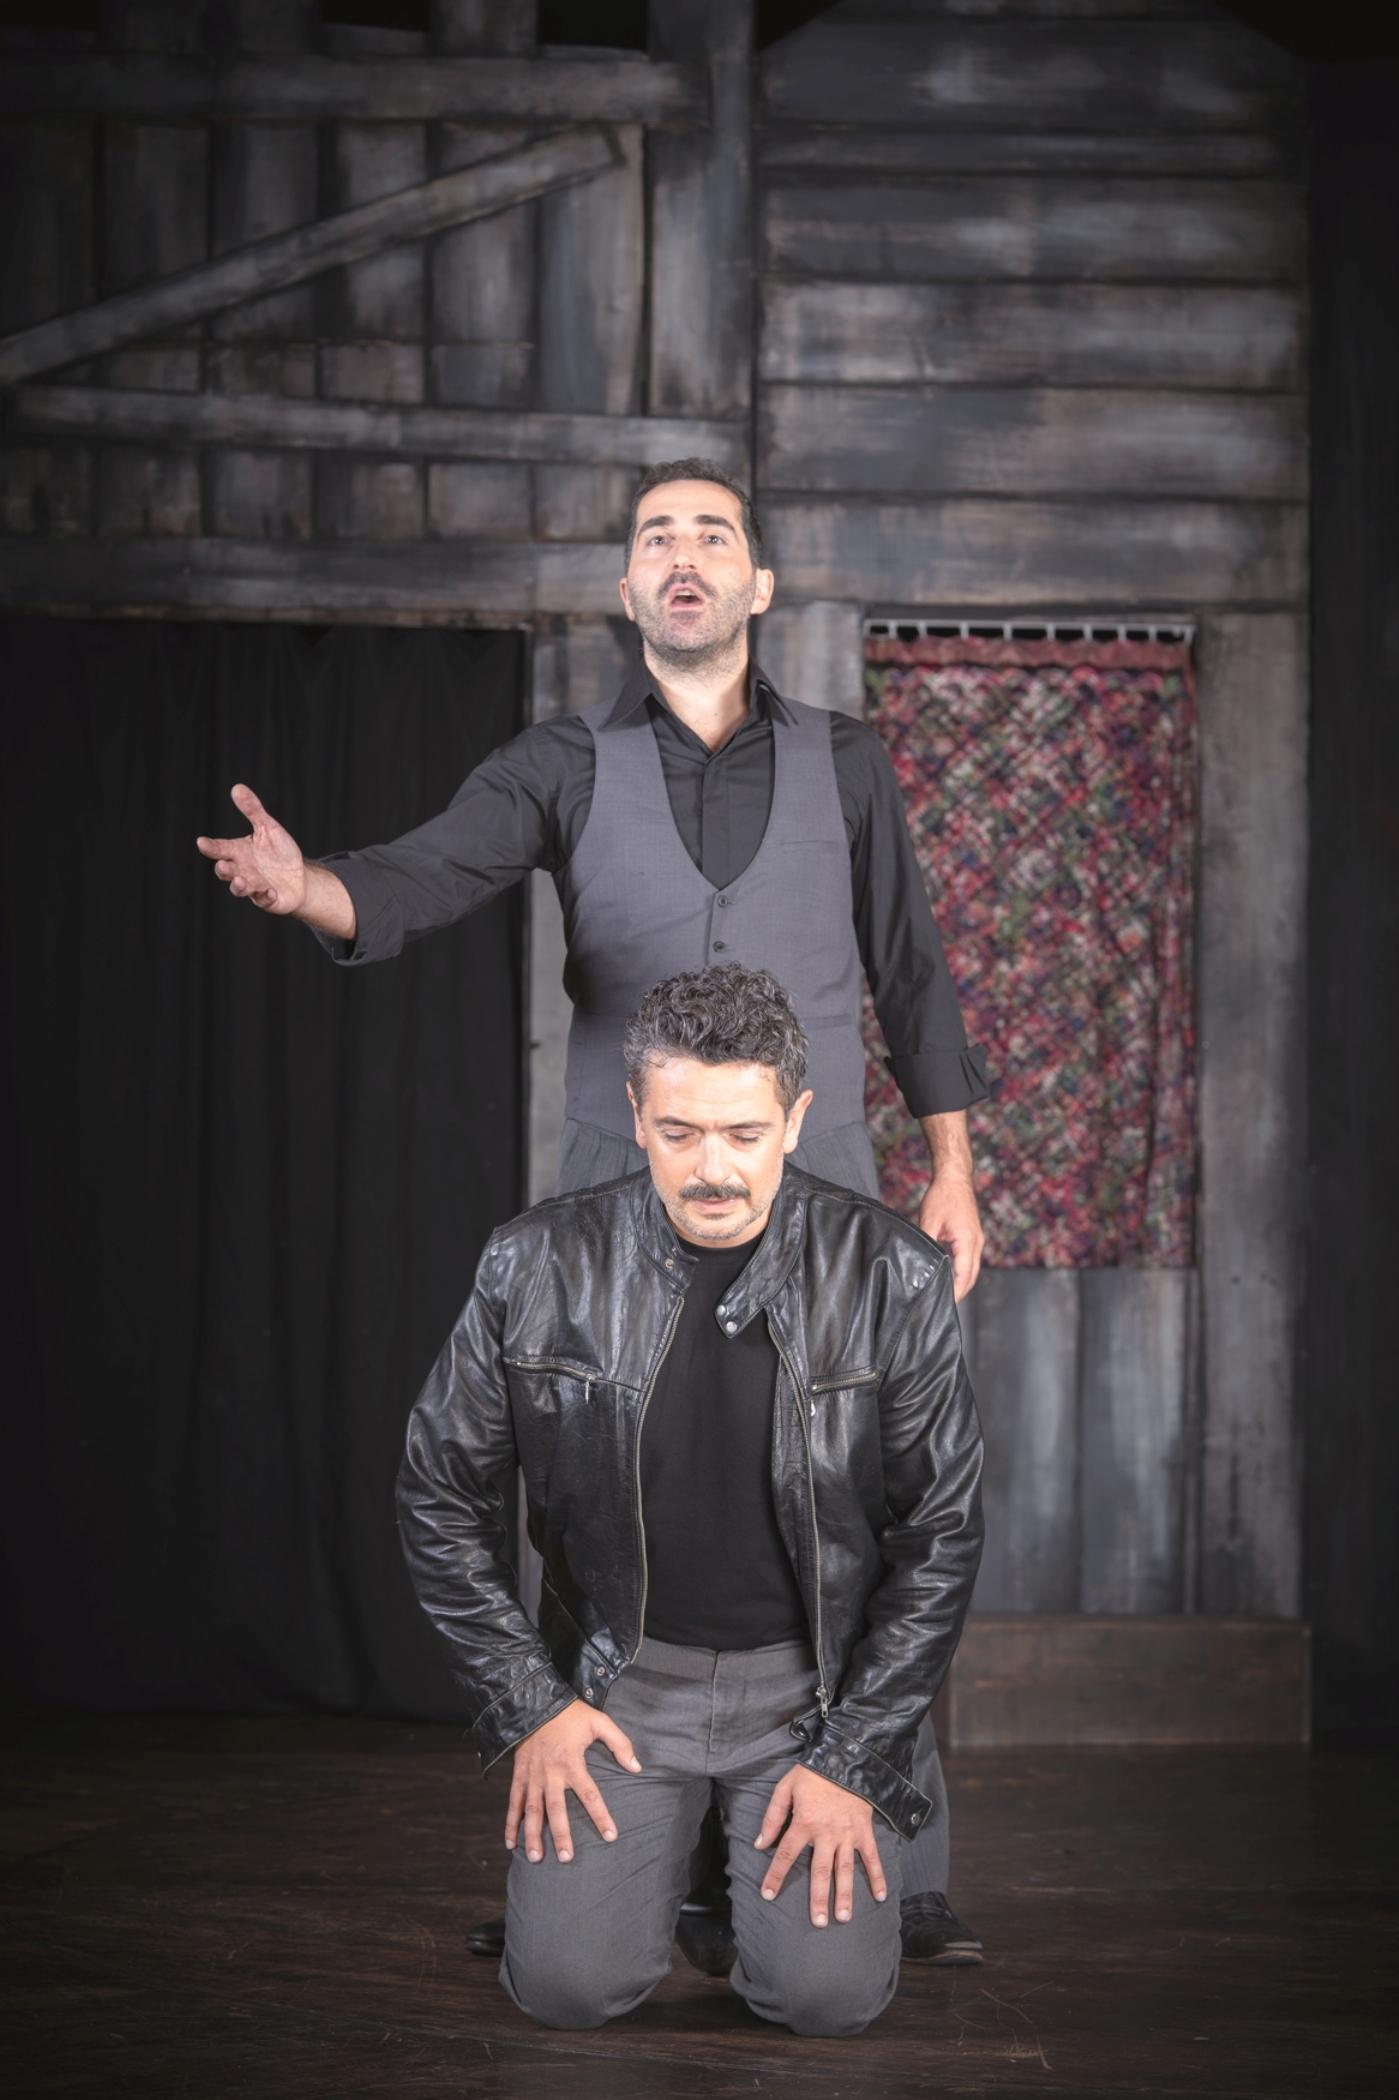 Συνοικία το Όνειρο: Μια παράσταση αφιερωμένη στον Μίκη Θεοδωράκη στο Γυάλινο Μουσικό Θέατρο